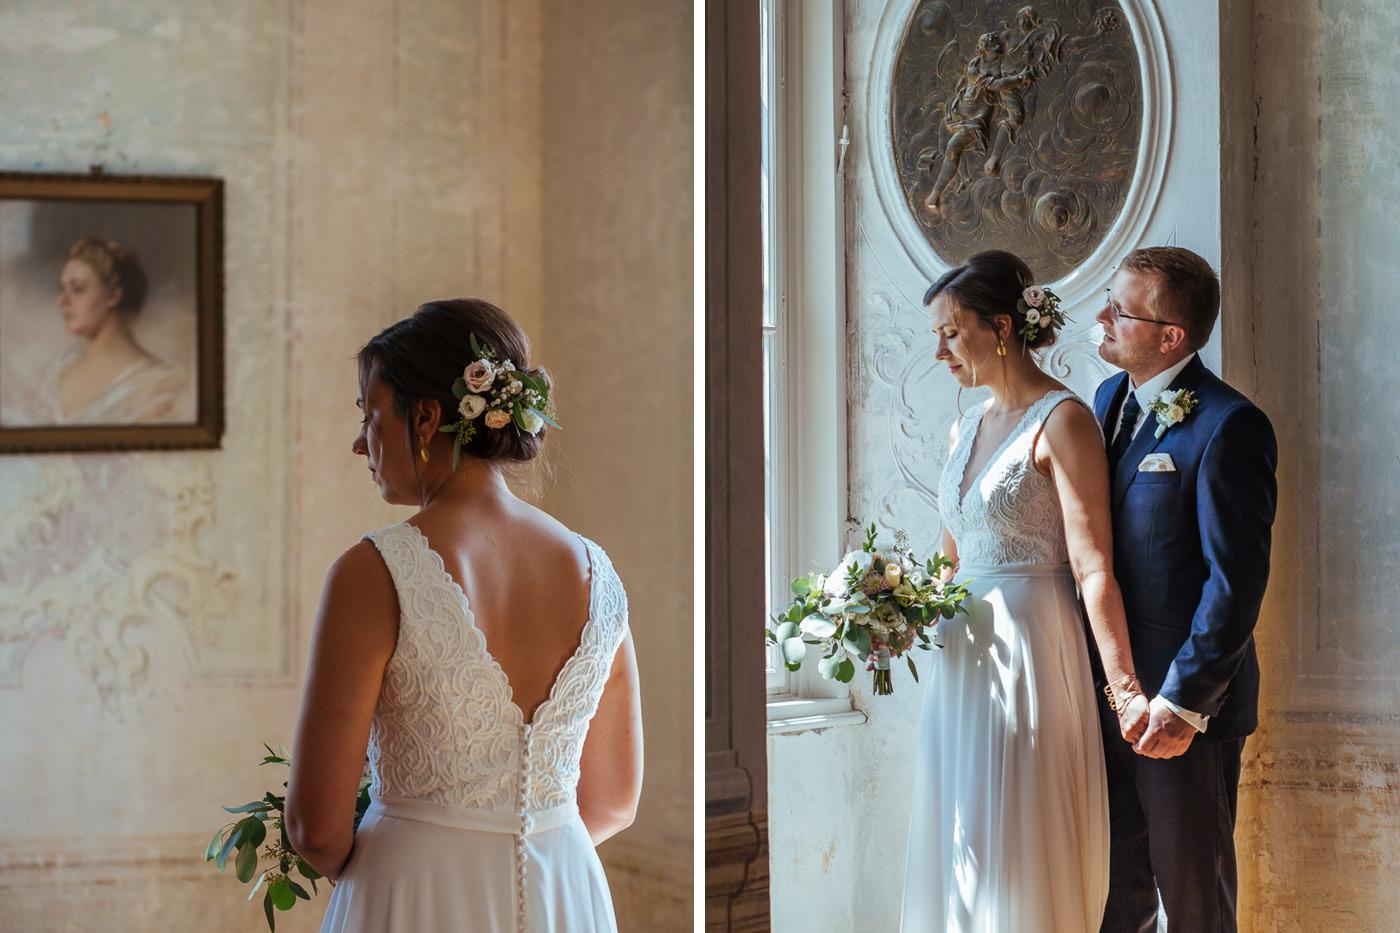 Schloss-Stetteldorf-Hochzeit-Fotografie-19